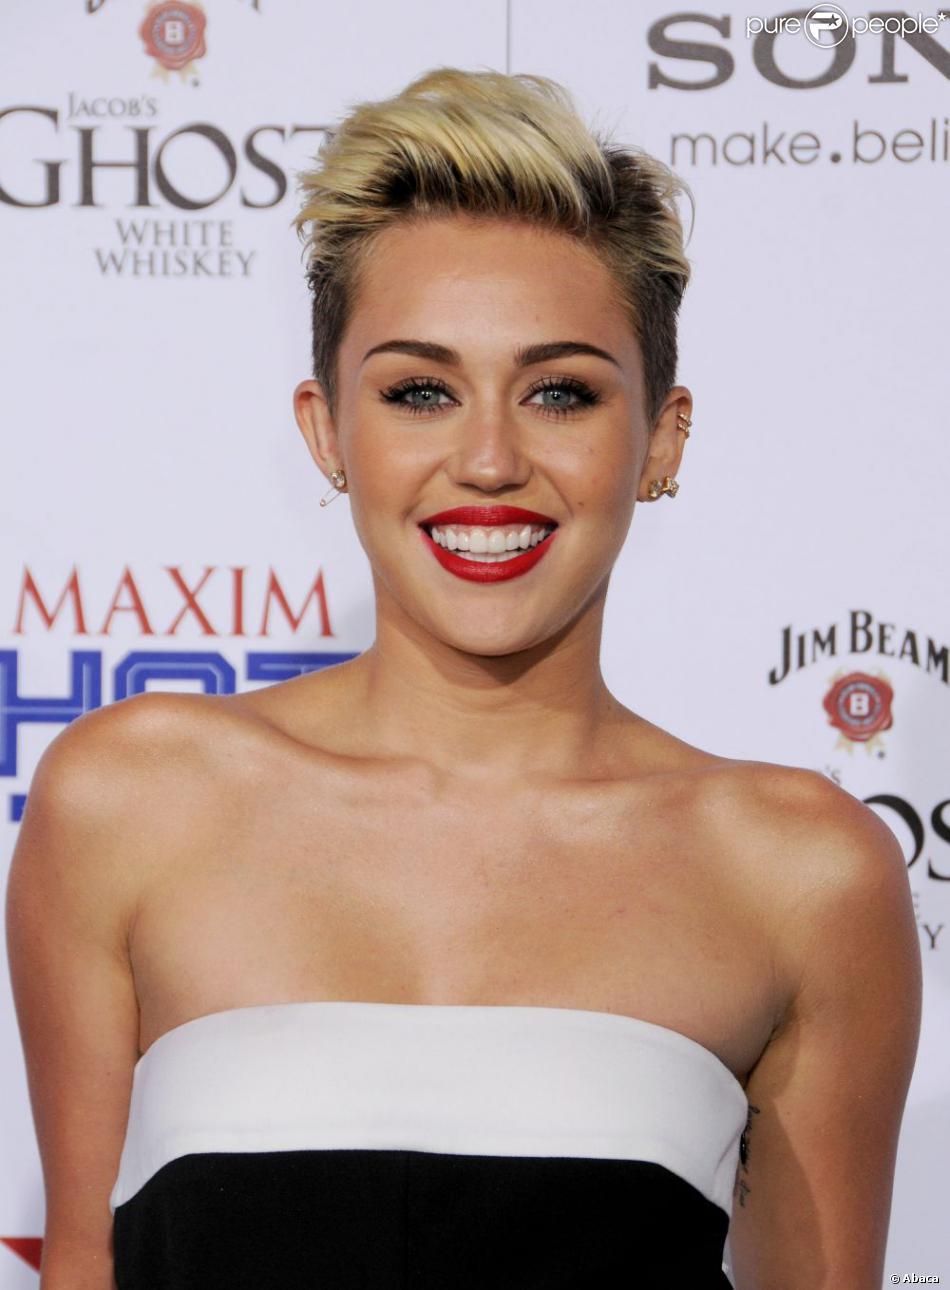 Miley Cyrus à la soirée MAXIM HOT 100 Party au club Vanguard de Los Angeles, le 15 mai 2013.